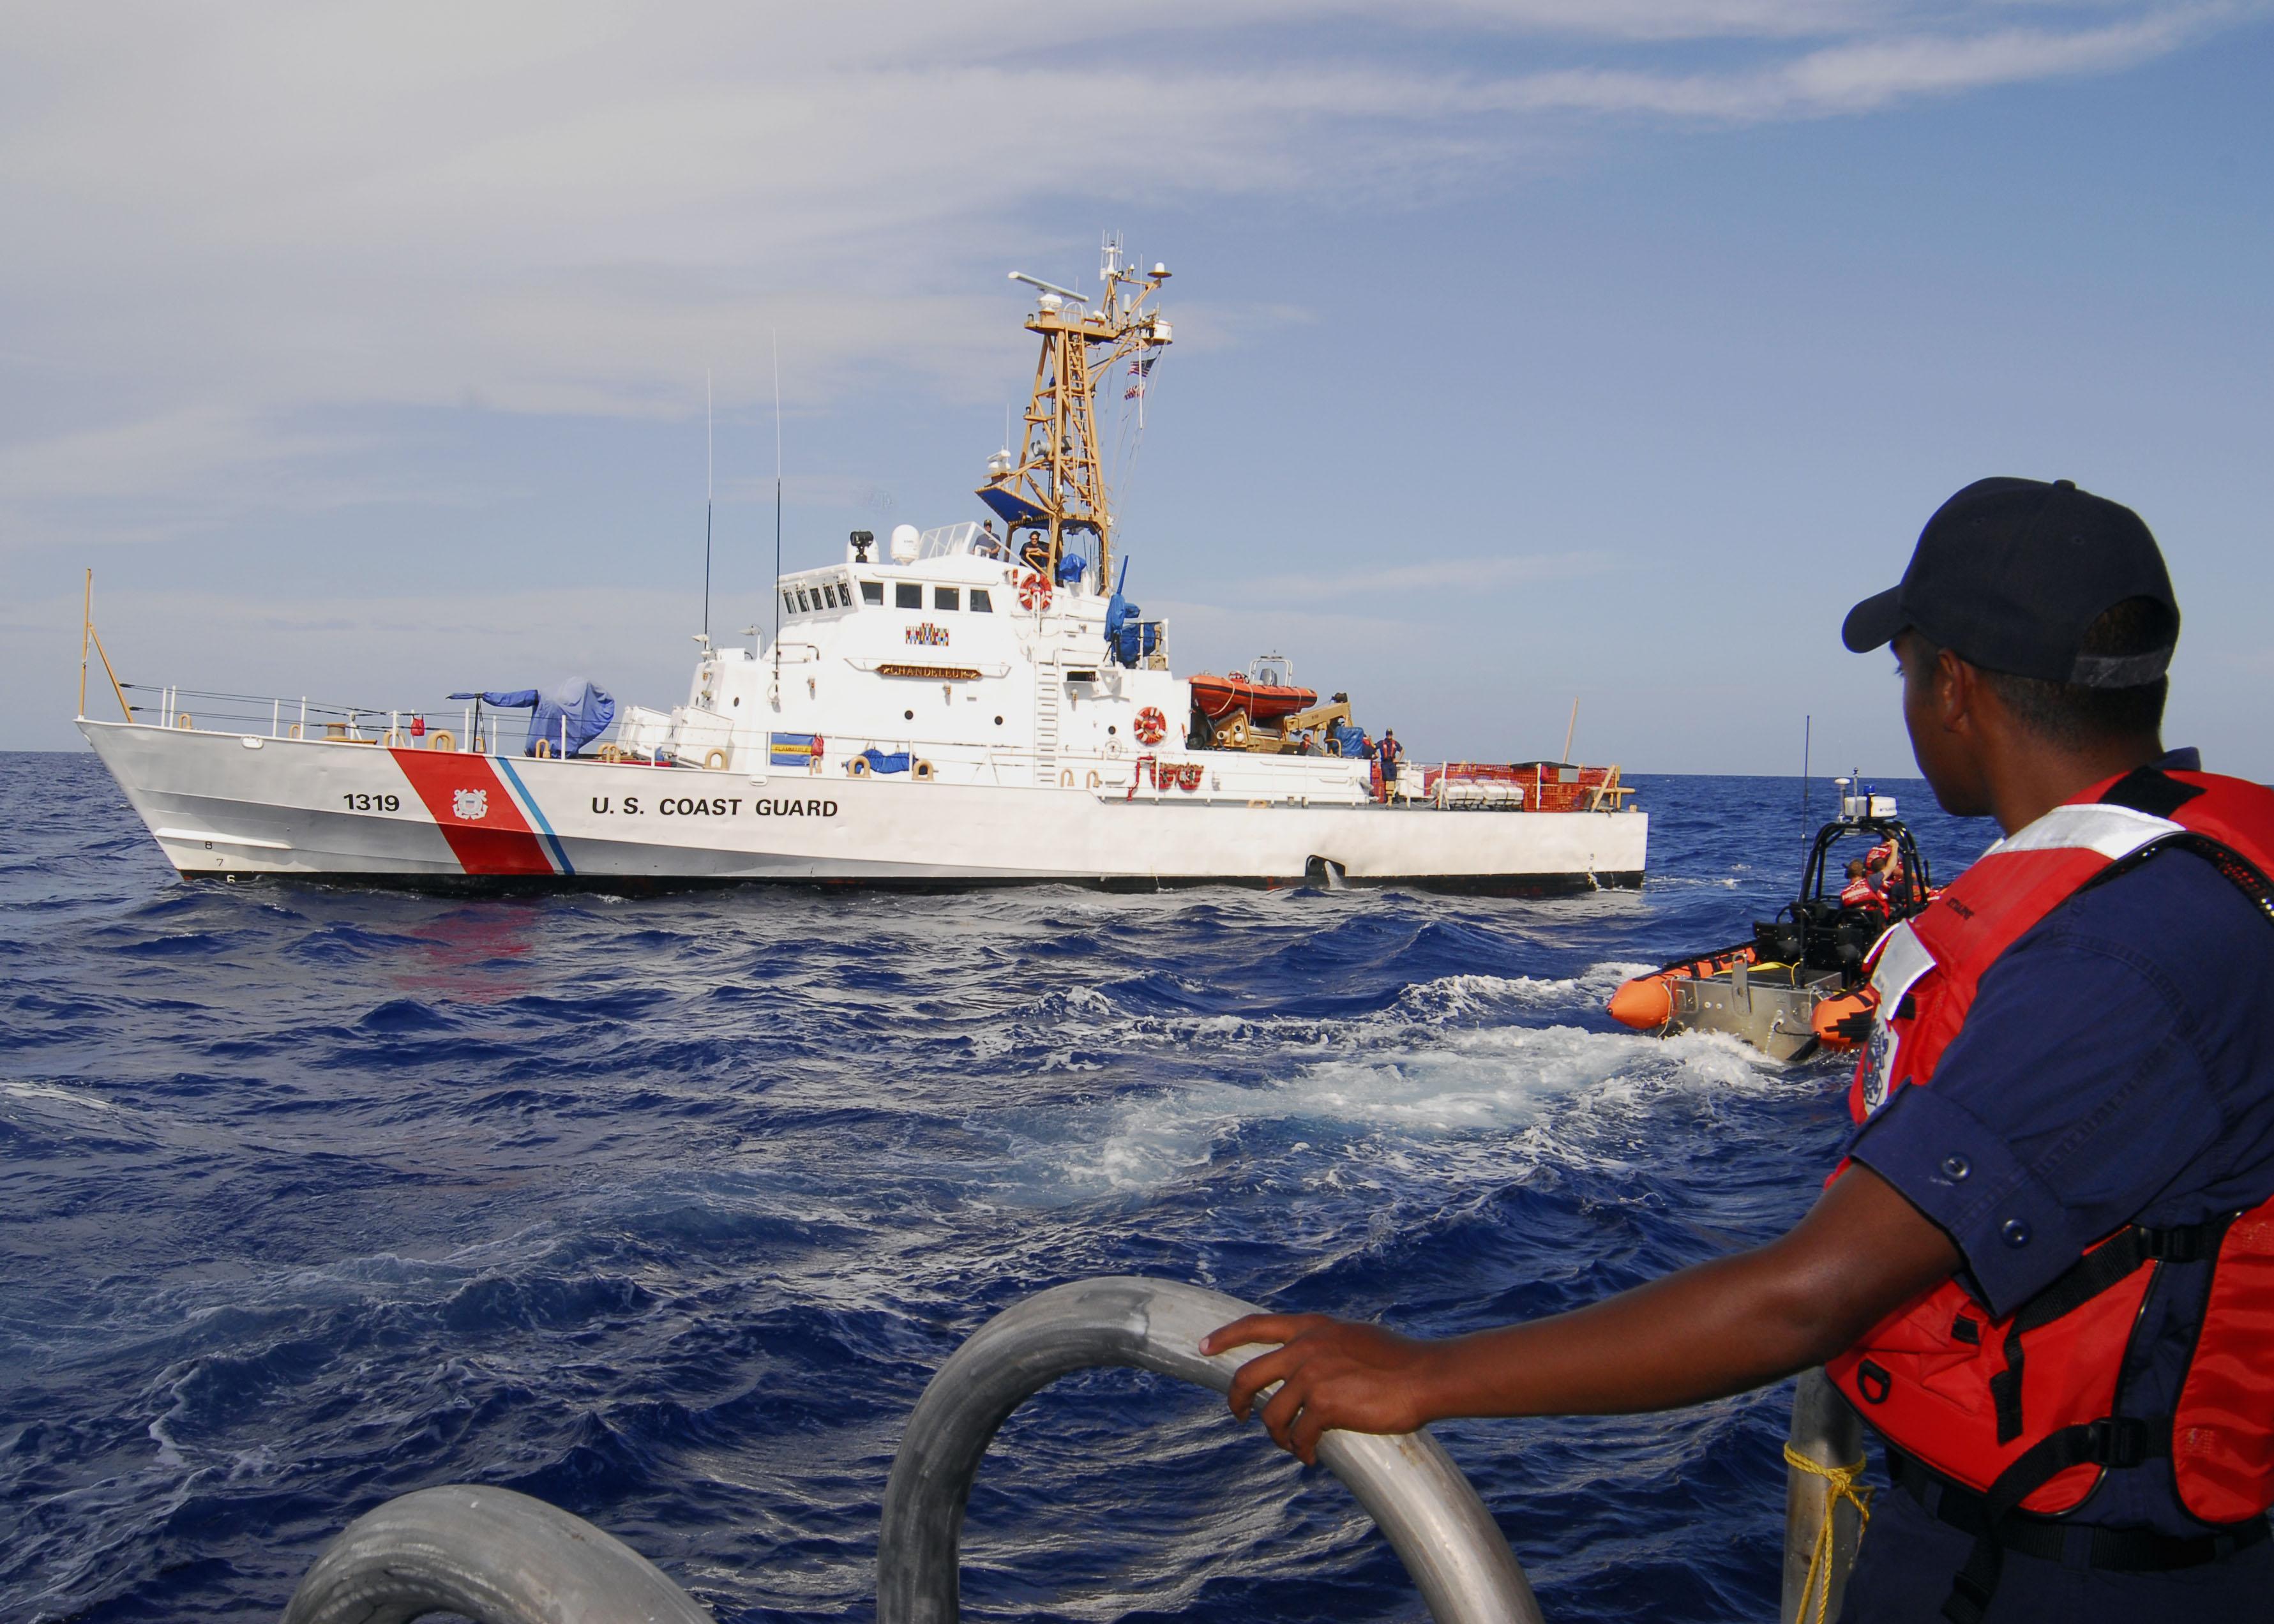 Lực lượng bảo vệ bờ biển Mỹ làm nhiệm vụ trên biển. (Nguồn:bunkerist.com)